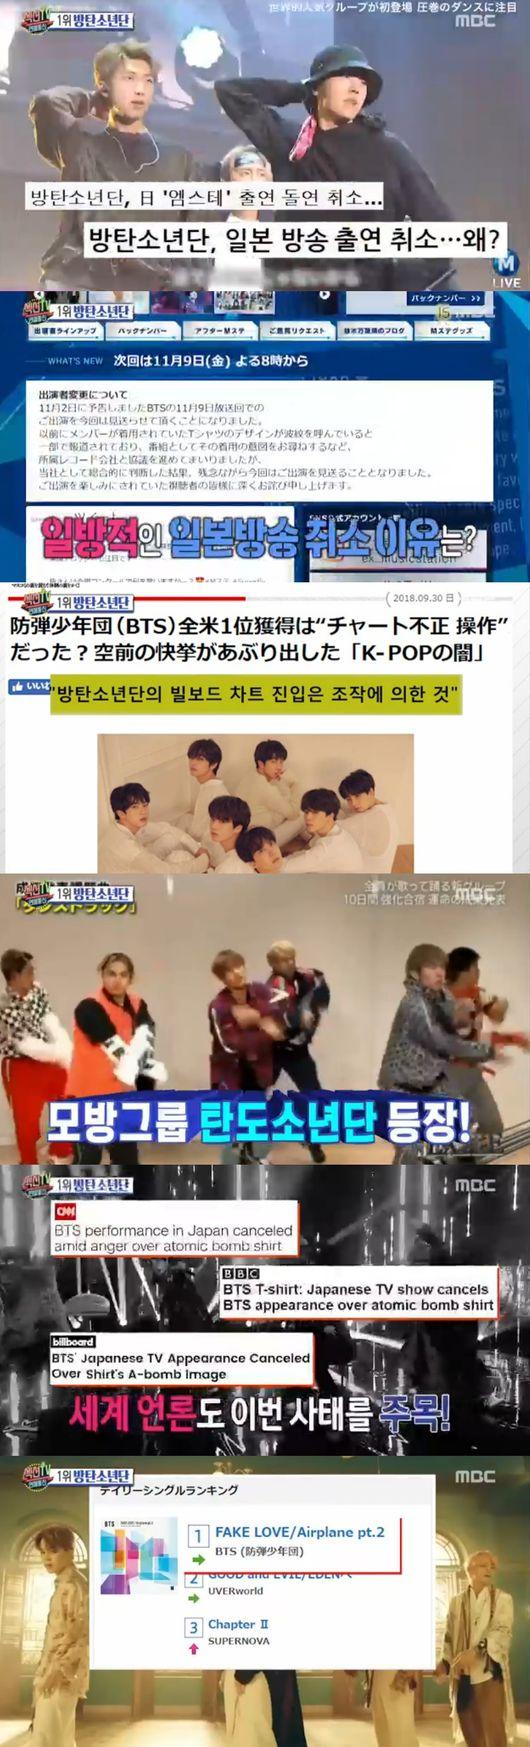 섹션TV 방탄소년단,日논란에도 오리콘차트1위 국위선양돌[Oh!쎈 리뷰]